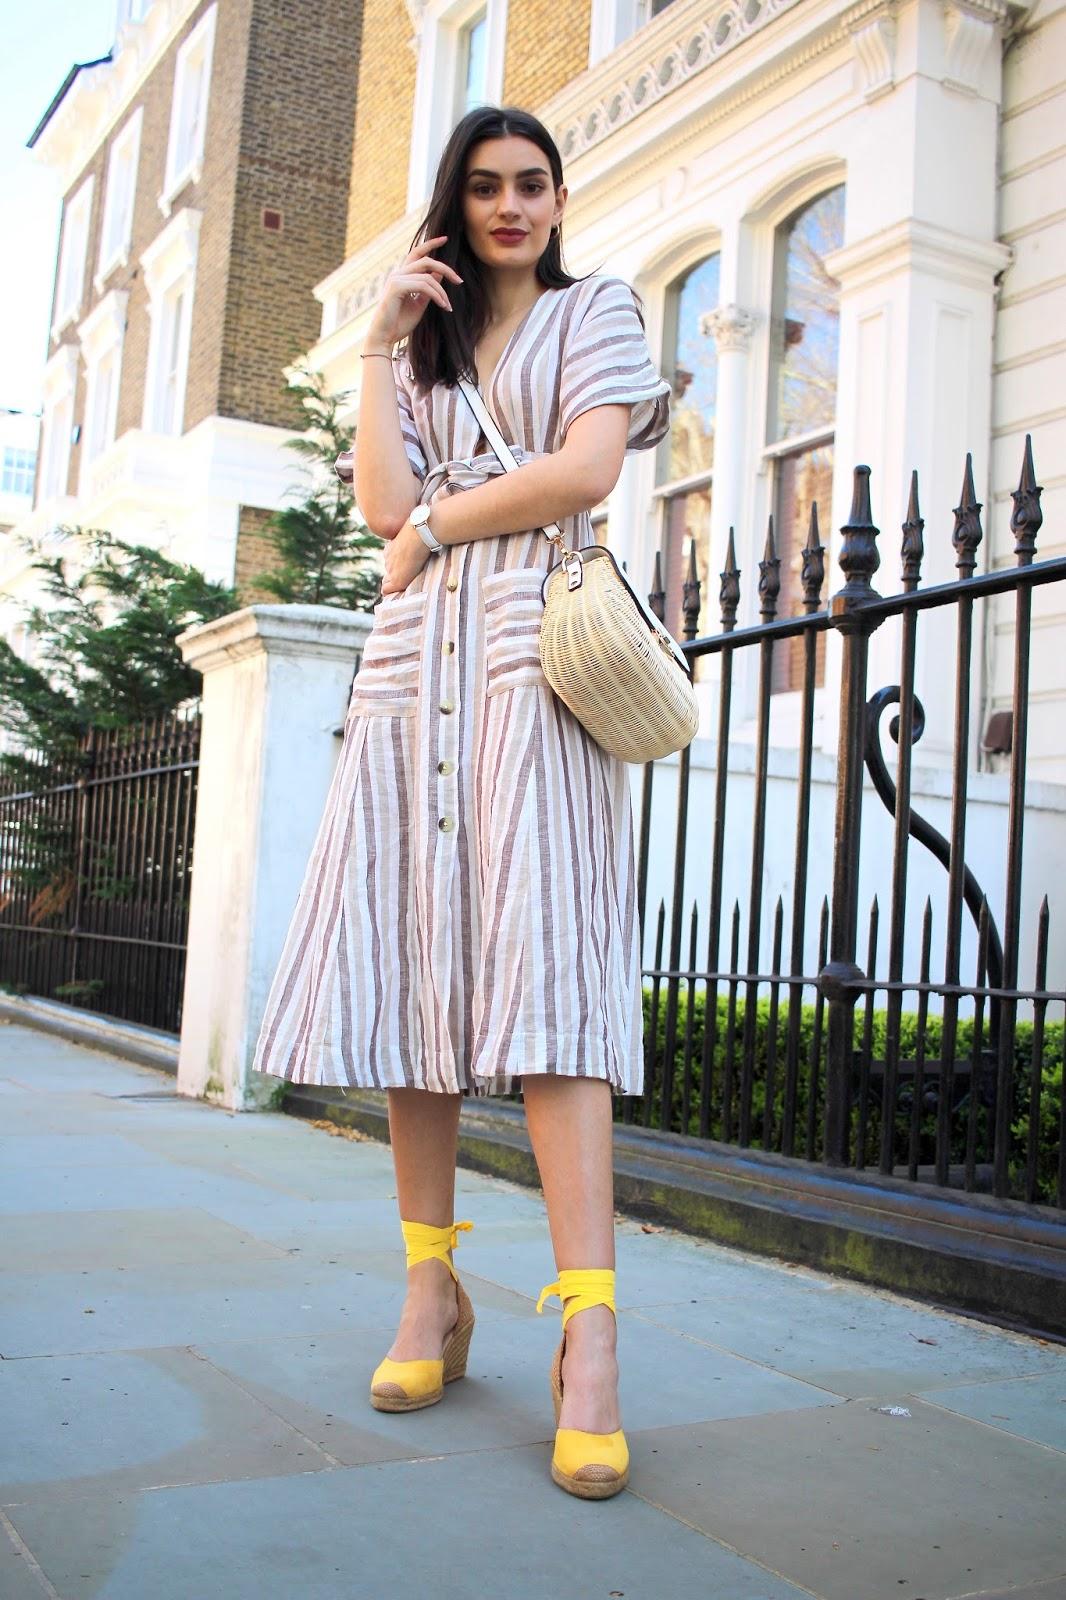 spring style peexo fashion blog